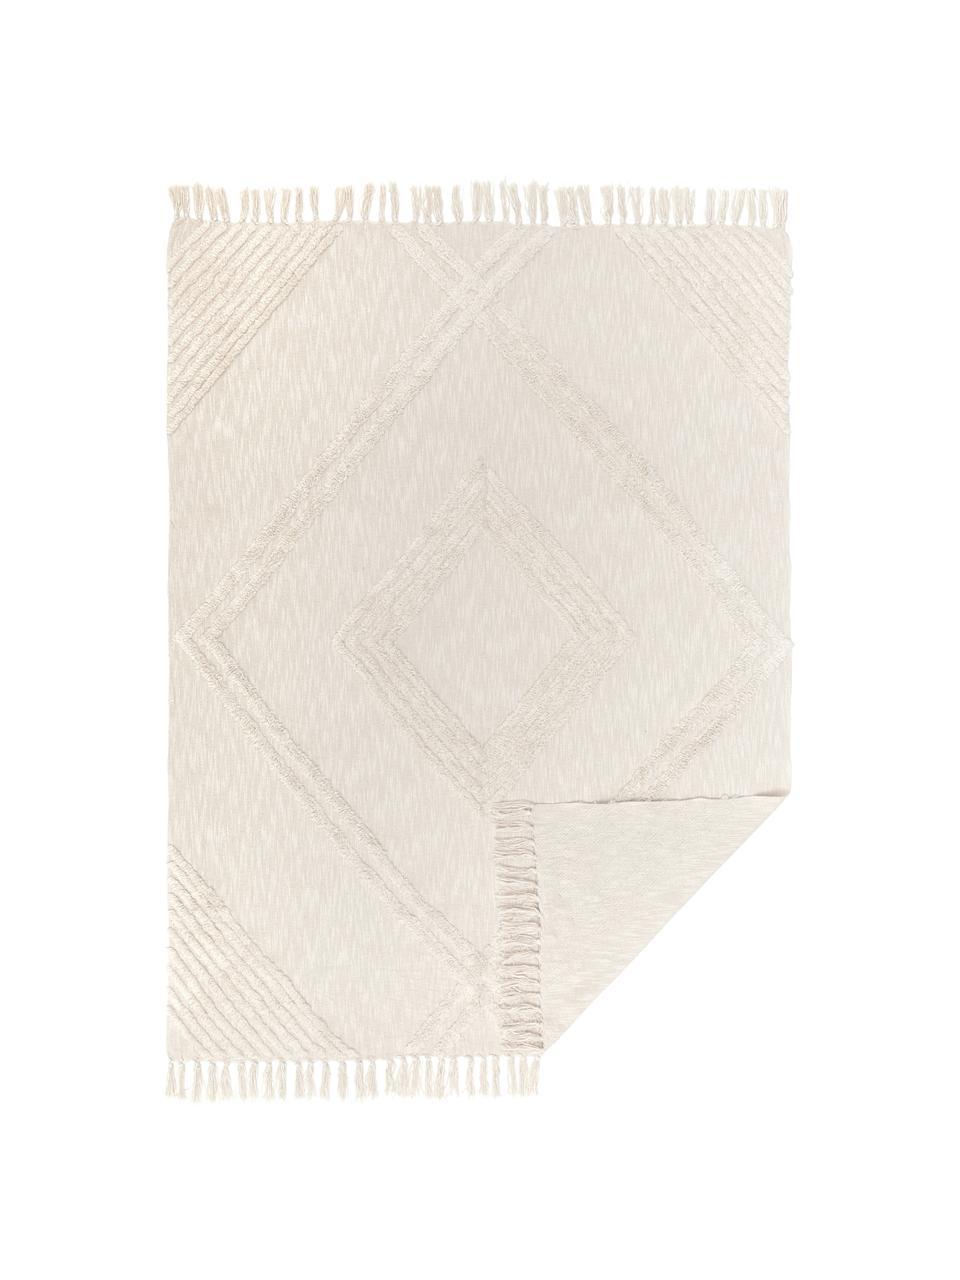 Plaid con decoro capitonné Opale, 100% cotone, Ecru, Larg. 130 x Lung. 170 cm